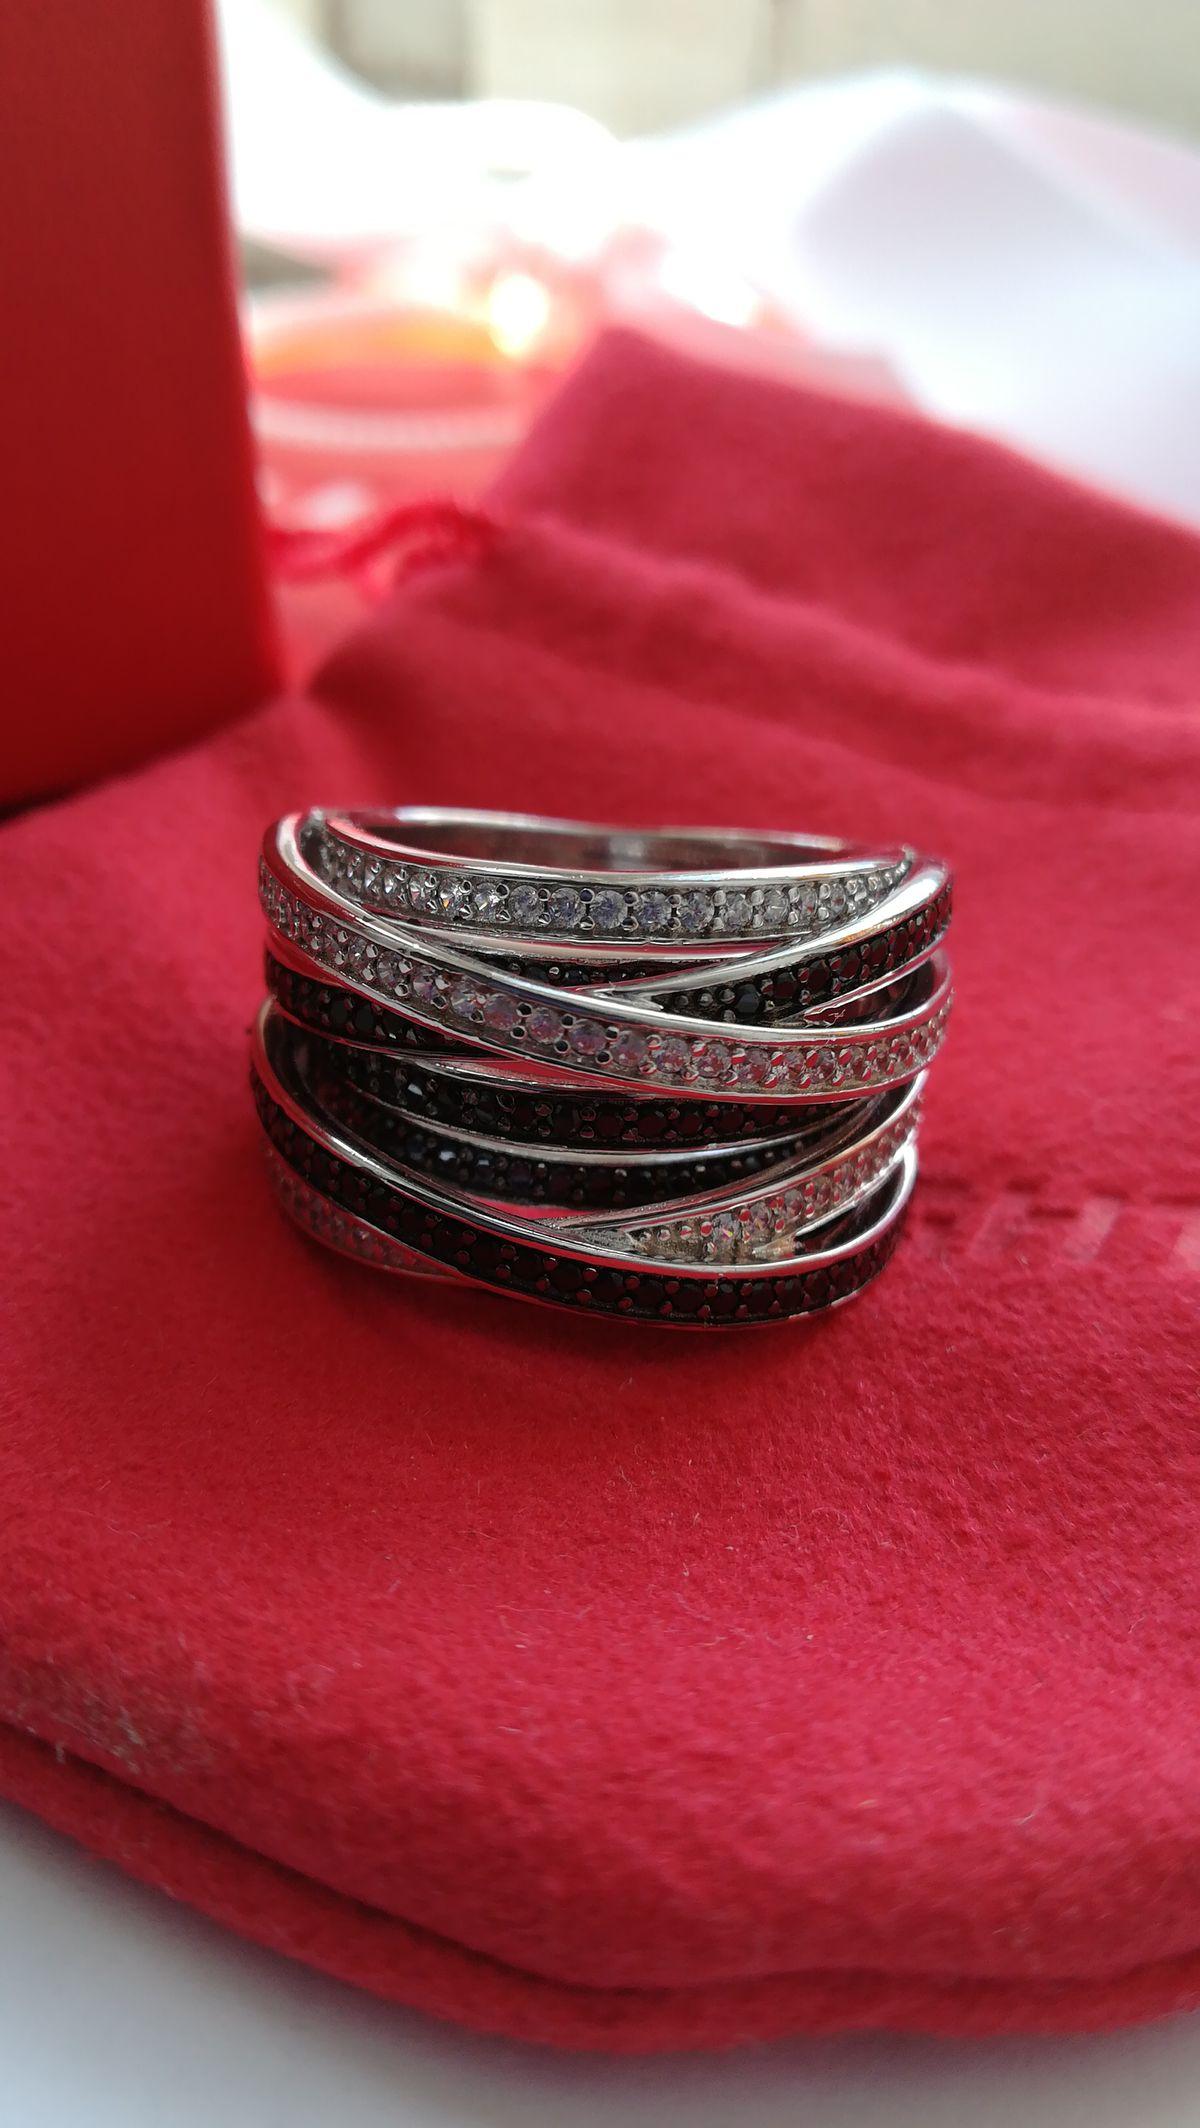 Кольцо с незаурядным дизайном и доступной ценой